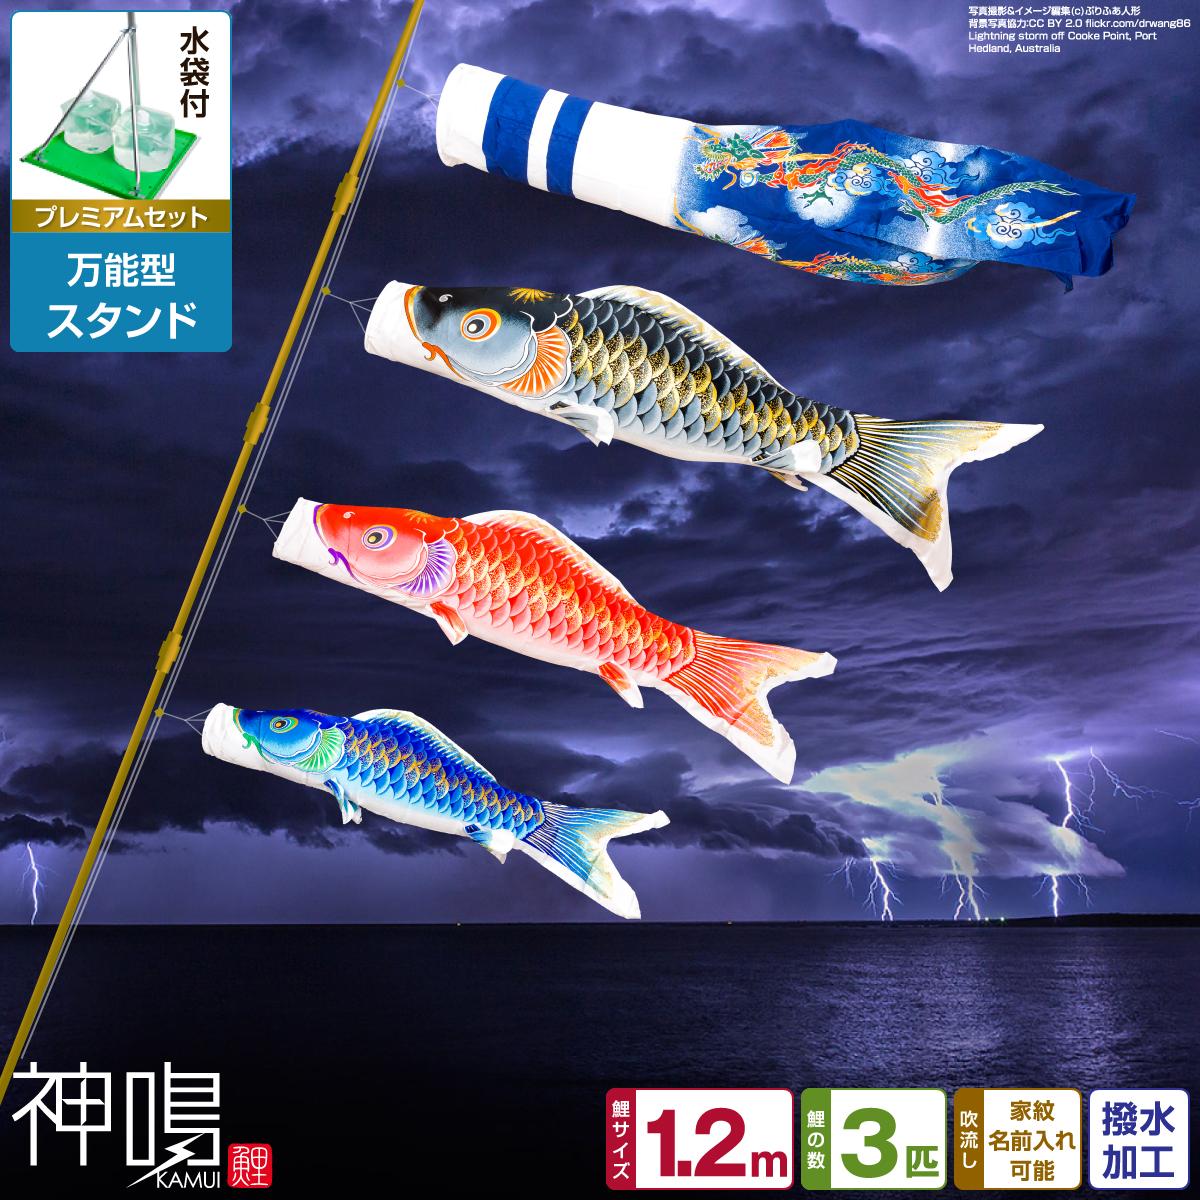 鯉のぼり ベランダ/庭/兼用 神鳴鯉-KAMUI- 1.2m 6点(吹流し+鯉3匹+矢車+ロープ)/プレミアムセット(万能スタンド)